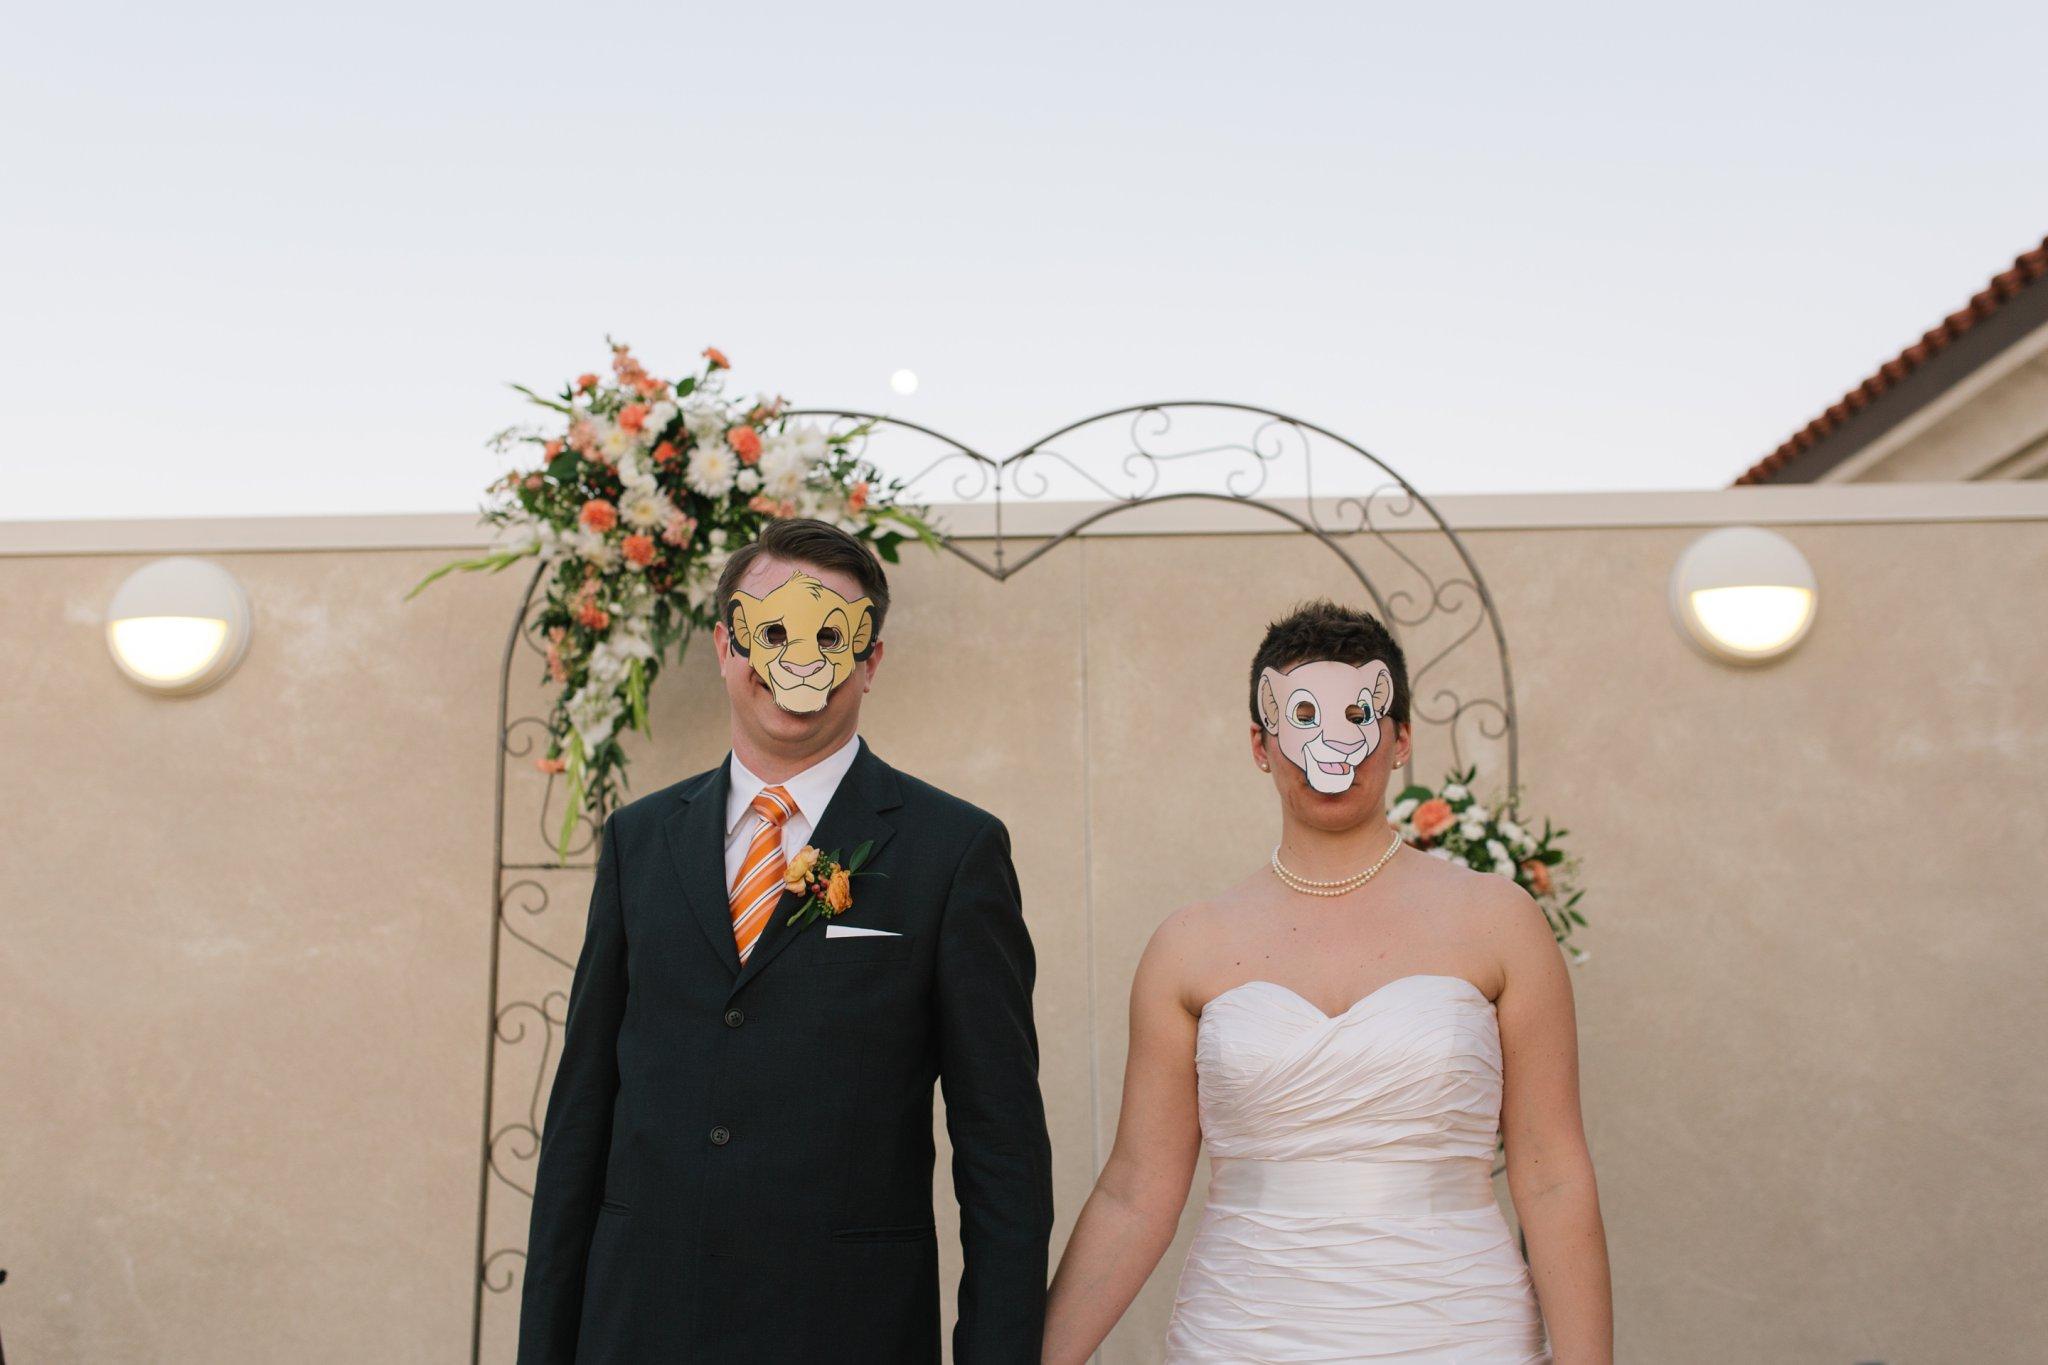 Mesa Natural History Museum wedding